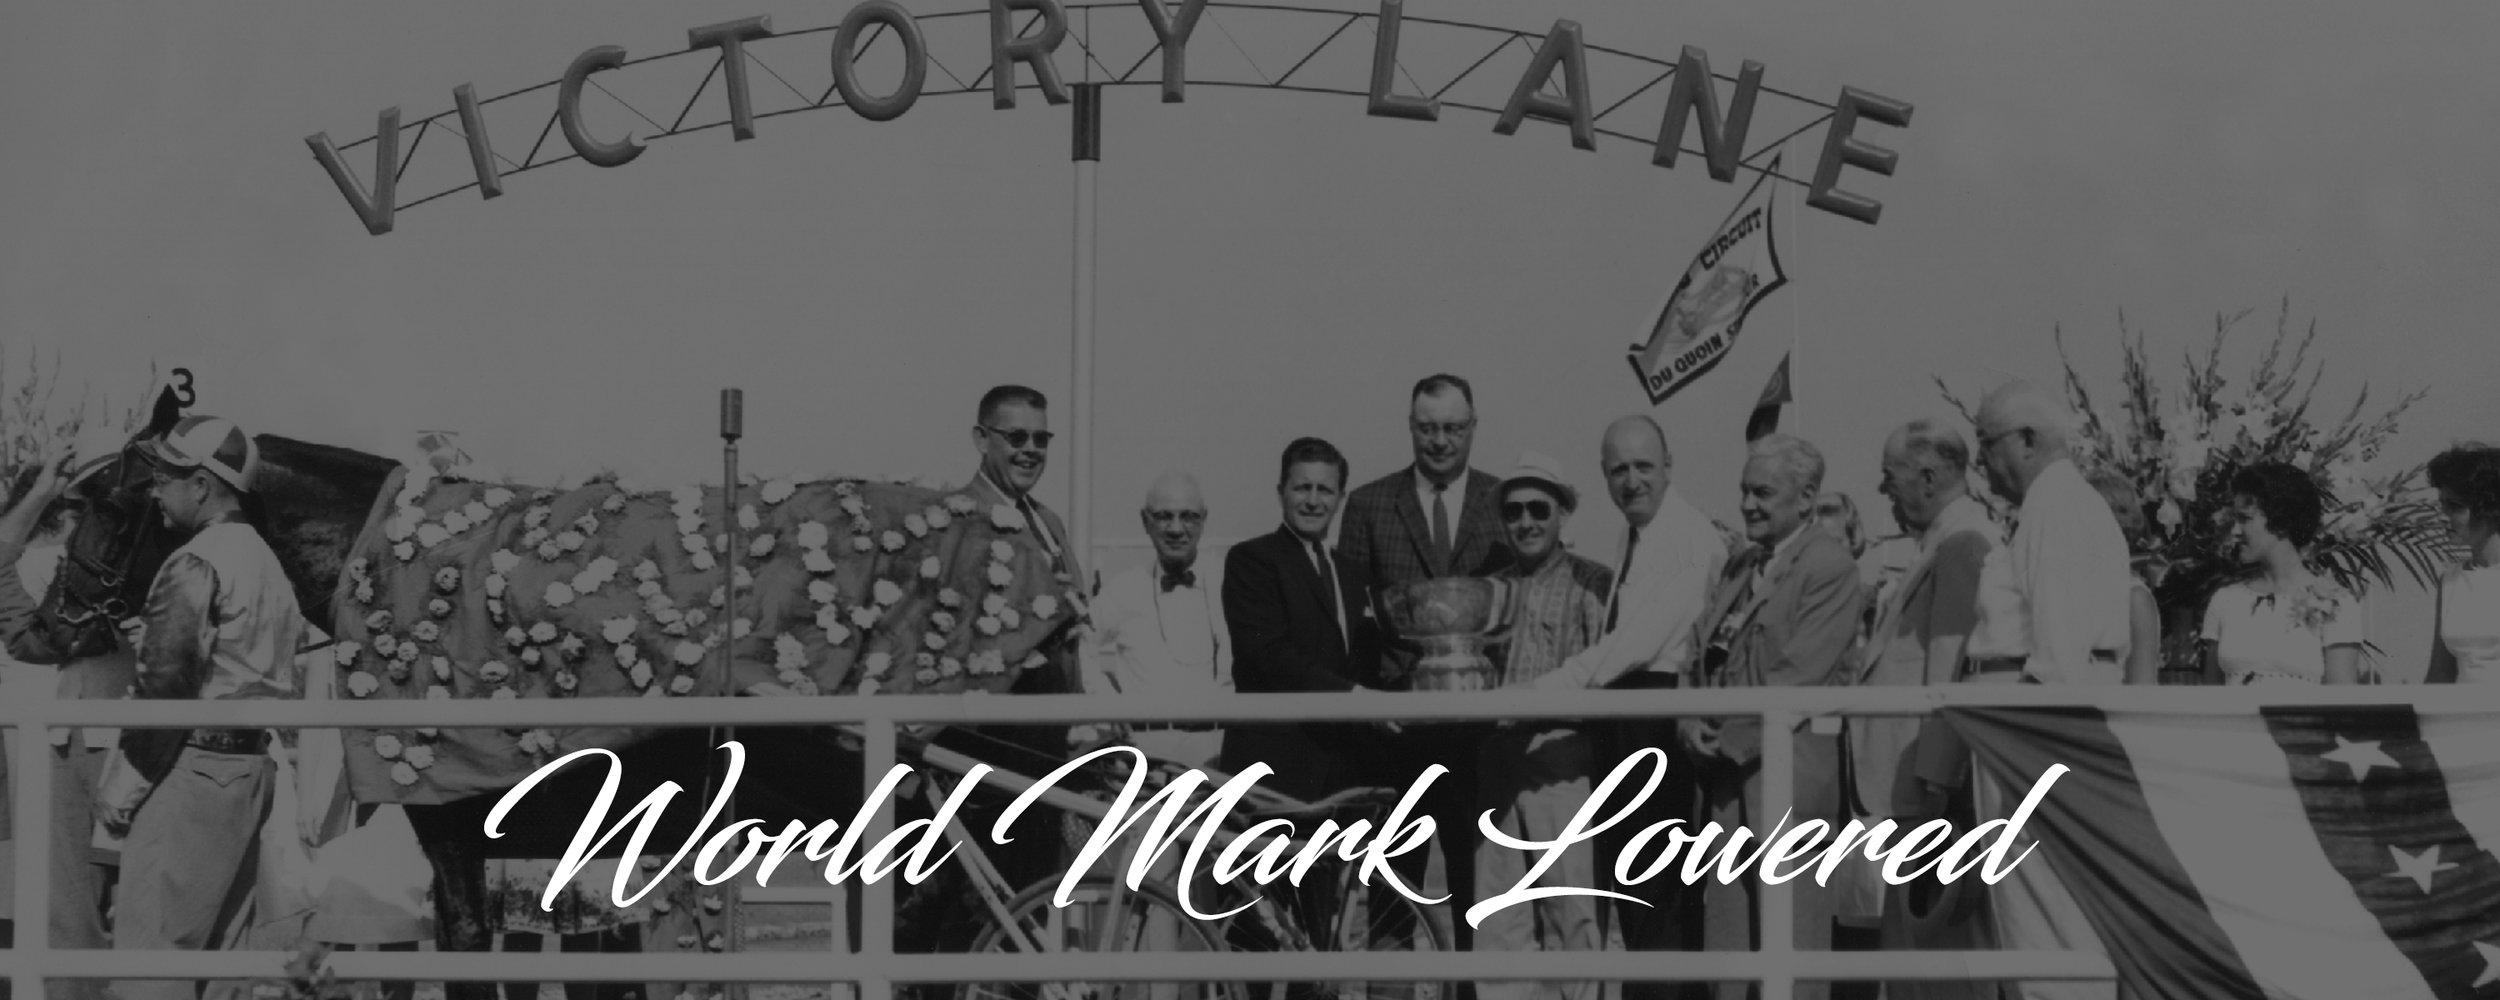 1961 history banner.jpg